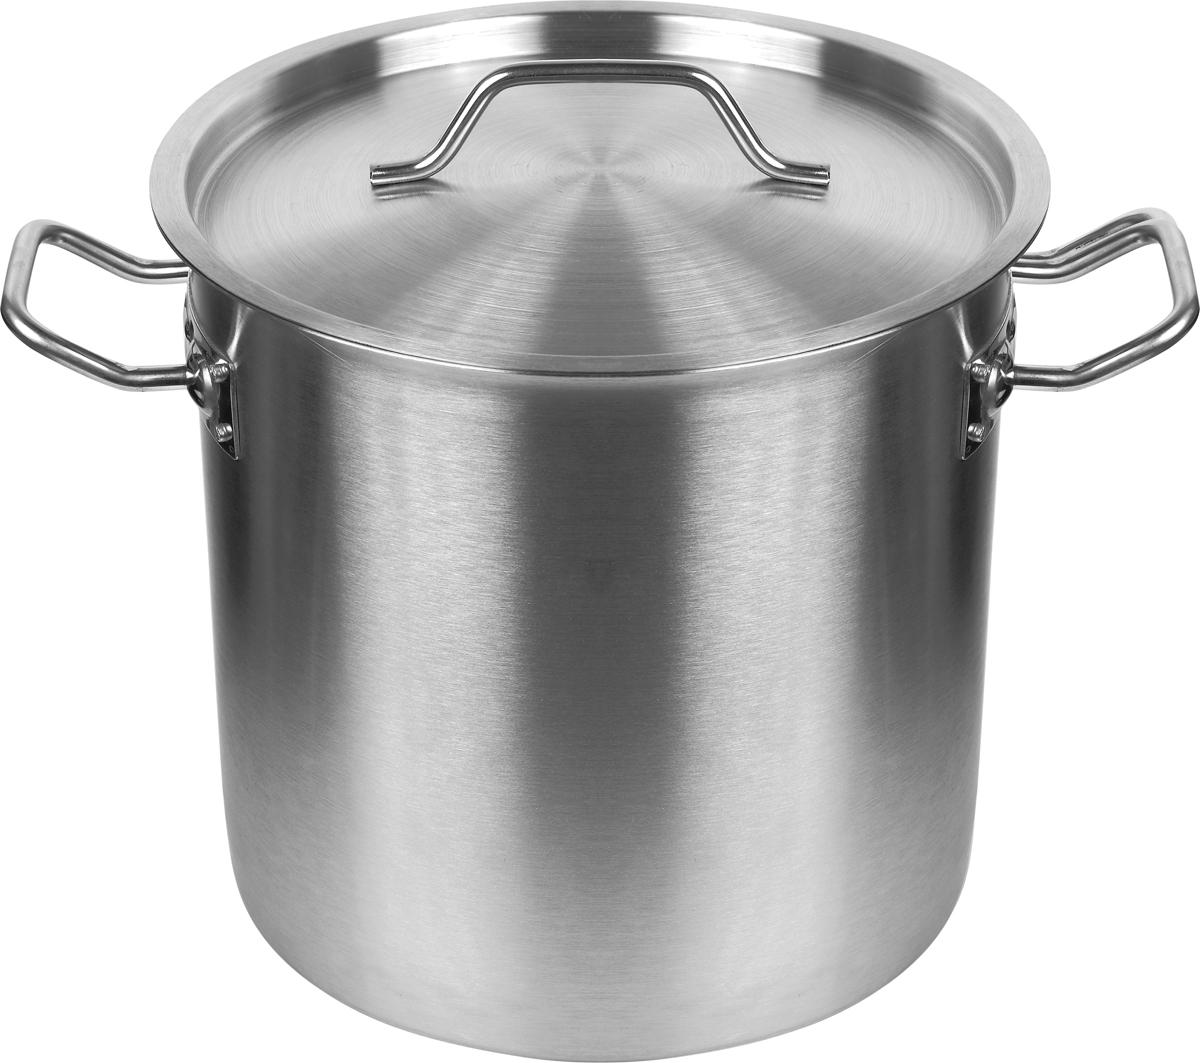 Вместительный котел из прочной нержавеющей стали с тройным дном отлично подойдет для активной эксплуатации на кухне, поэтому часто  используется в кафе и столовых - там, где ежедневно приходится много готовить. Однако он подойдет и для частного использования, чтобы  сварить суп или второе блюдо для большой семьи, приготовить еду для застолья с друзьями.  30-литровый котел прекрасно подойдет для индукционных плит, отличается высокой практичностью и удобством.  Немаловажными факторами являются простота ухода за котлом и его продолжительный срок службы, который может исчисляться  десятилетиями.  В котле марки Appetite еда будет получаться необыкновенно вкусной и аппетитной.